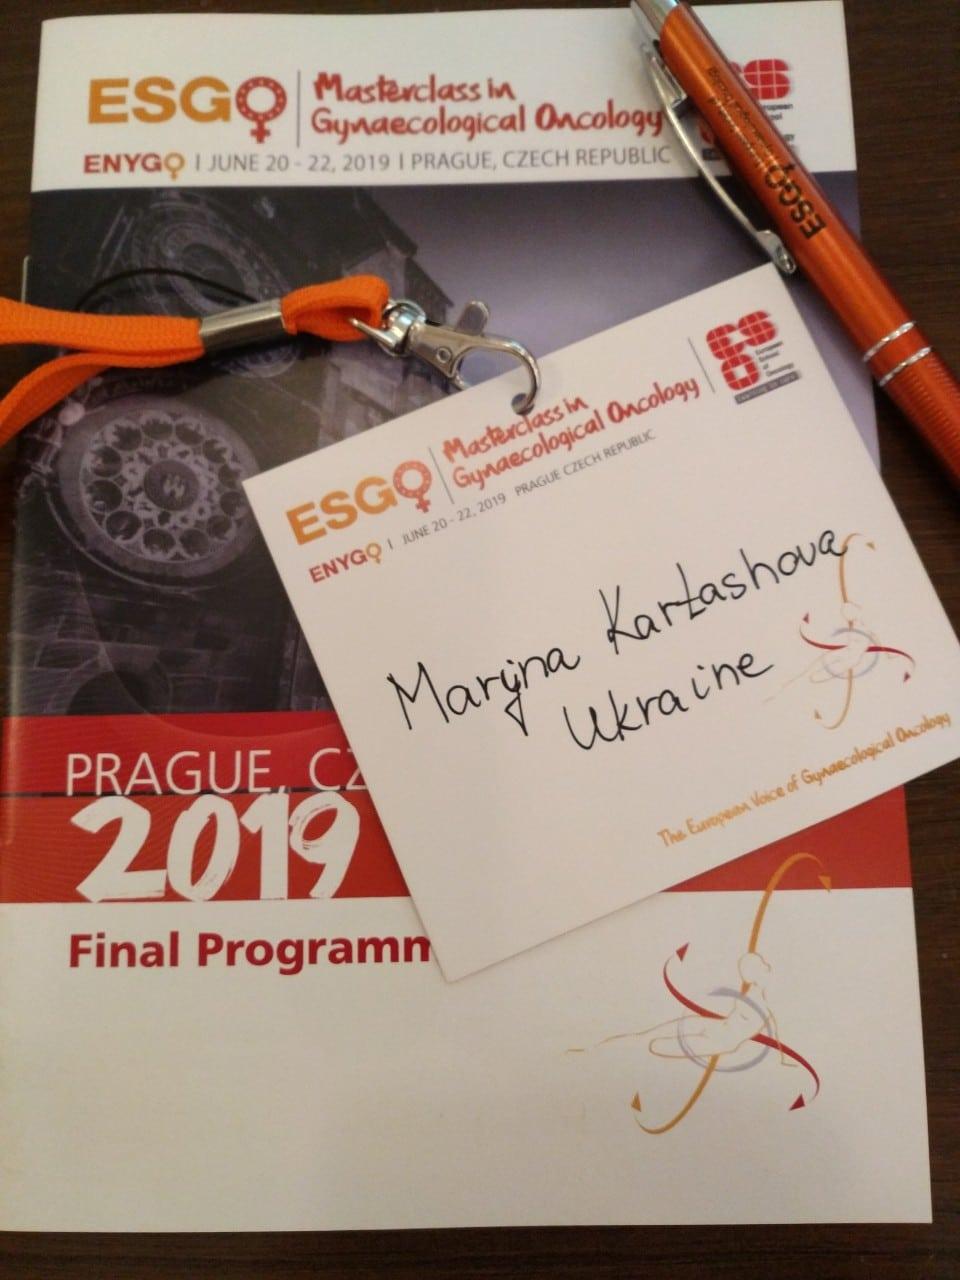 Мастер-класс гинекологов — онкологов в Праге